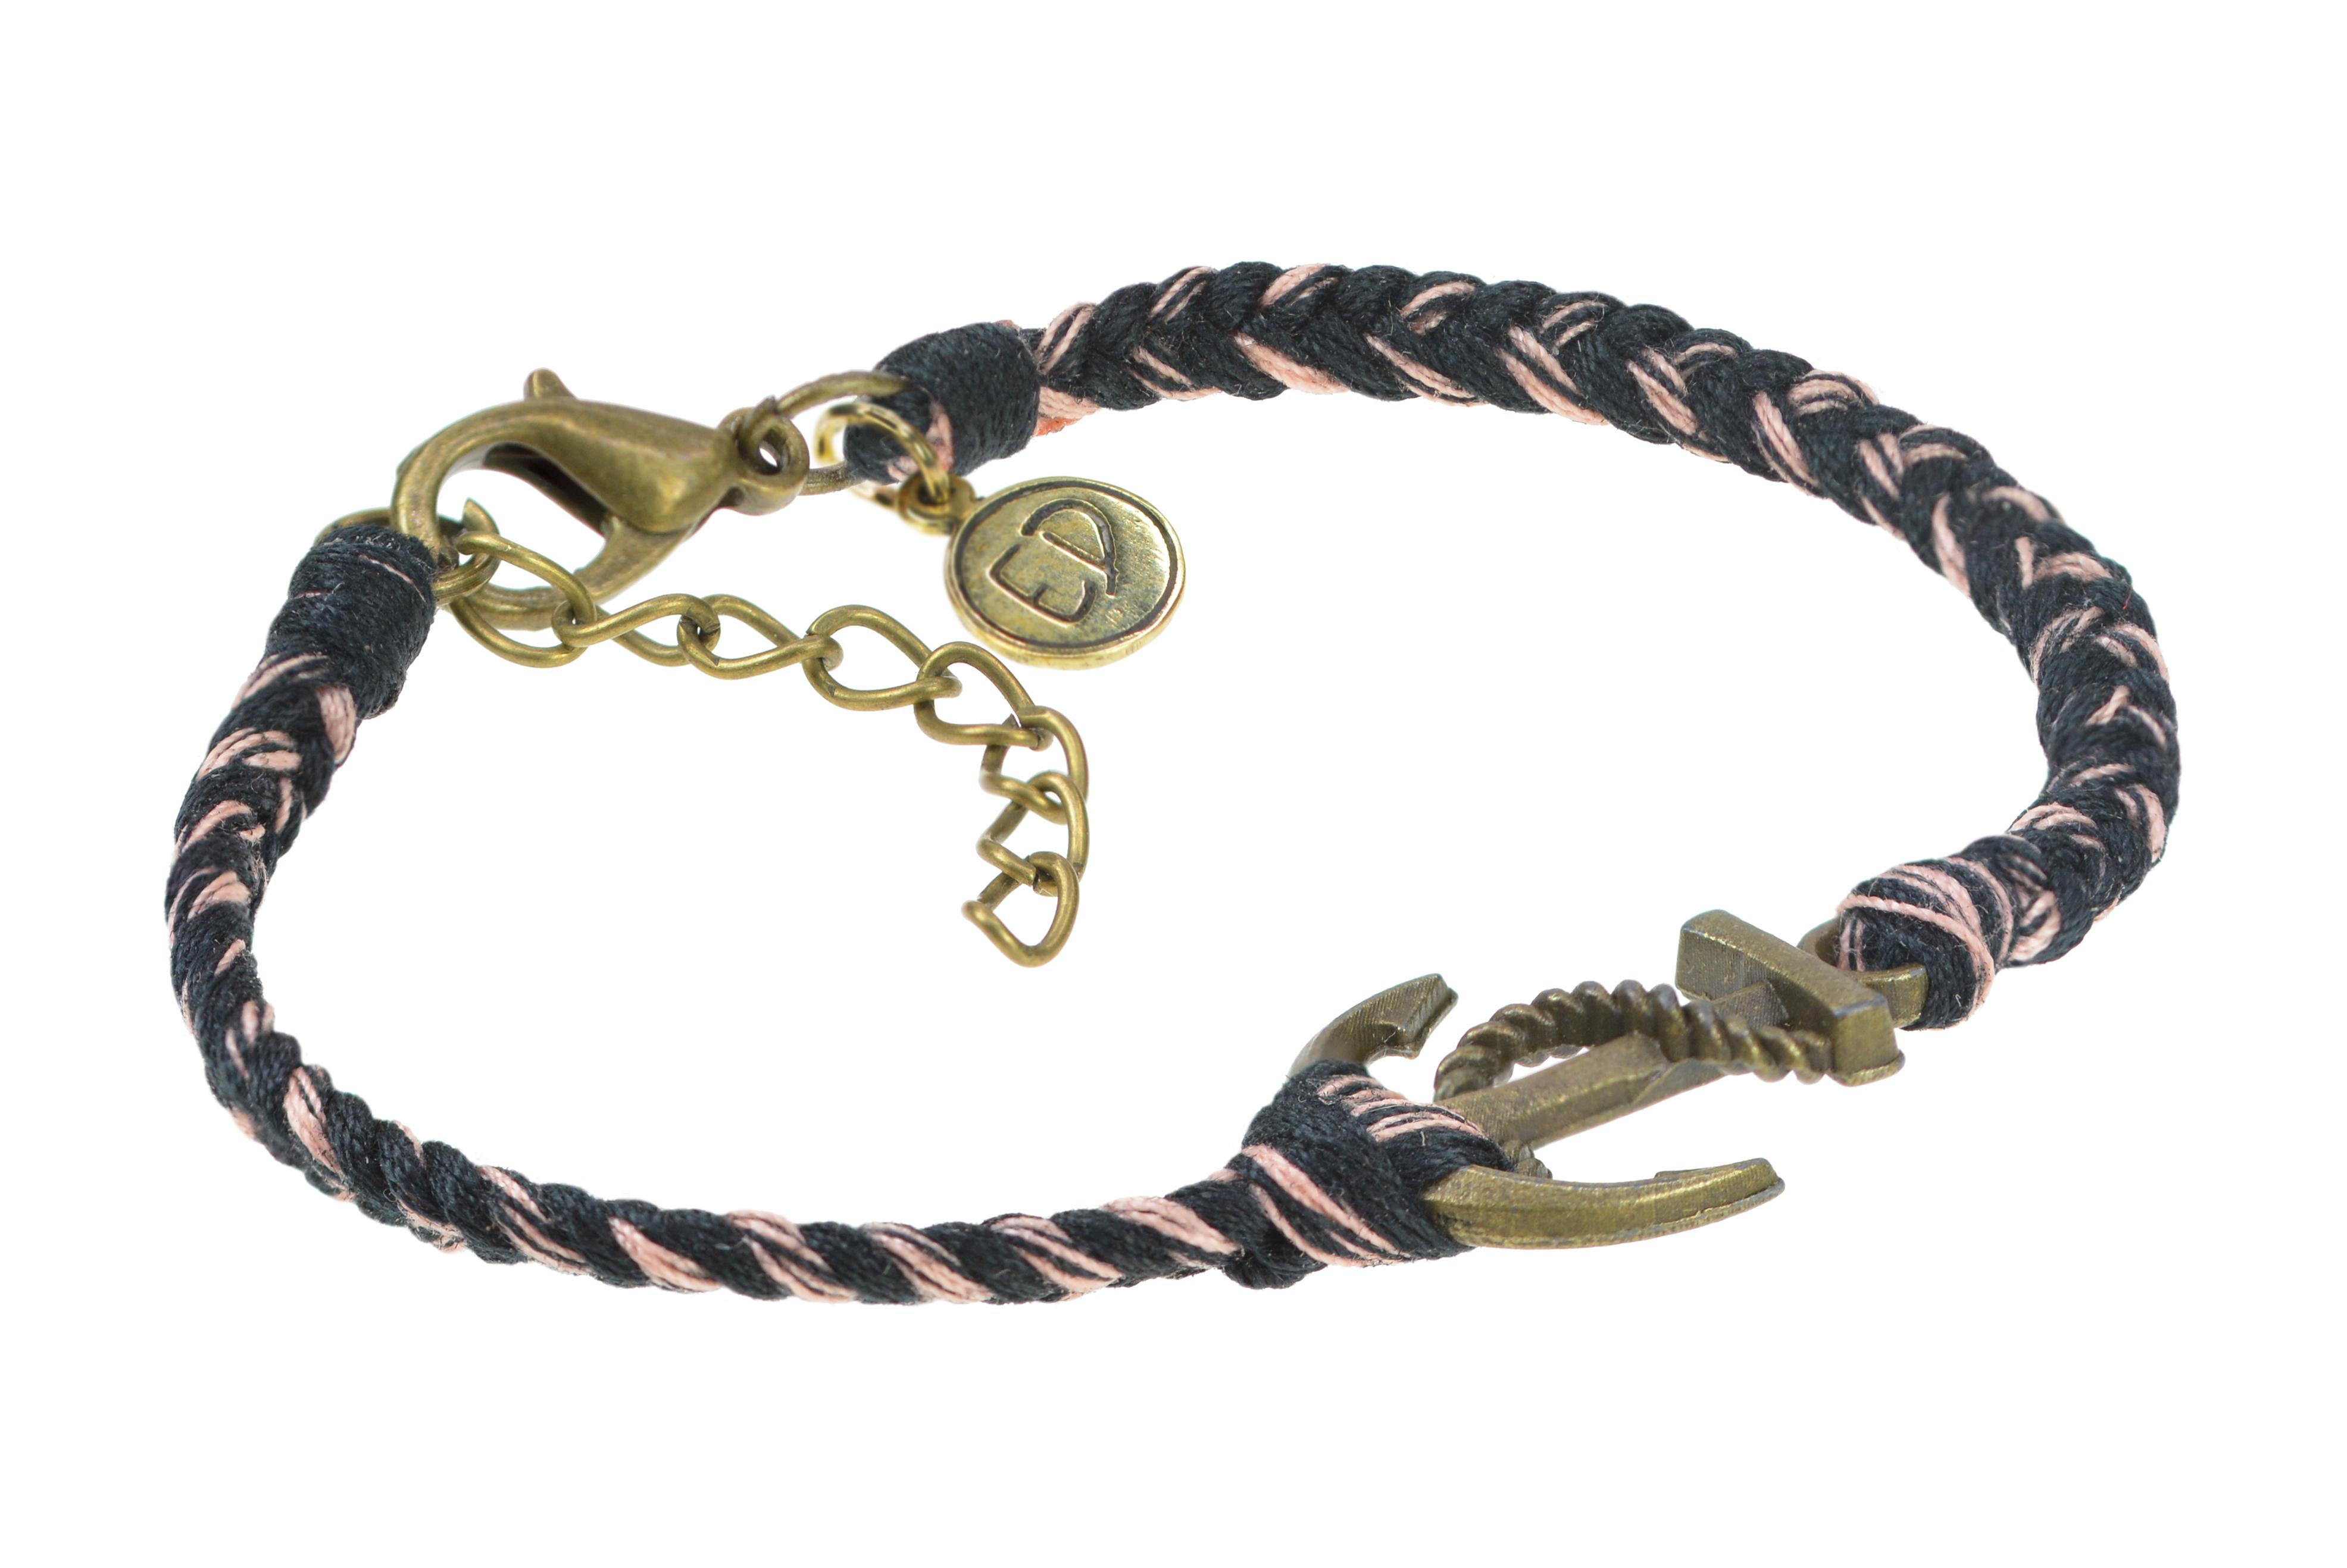 Pánsky pletený náramok s motívom kotva - hnedý